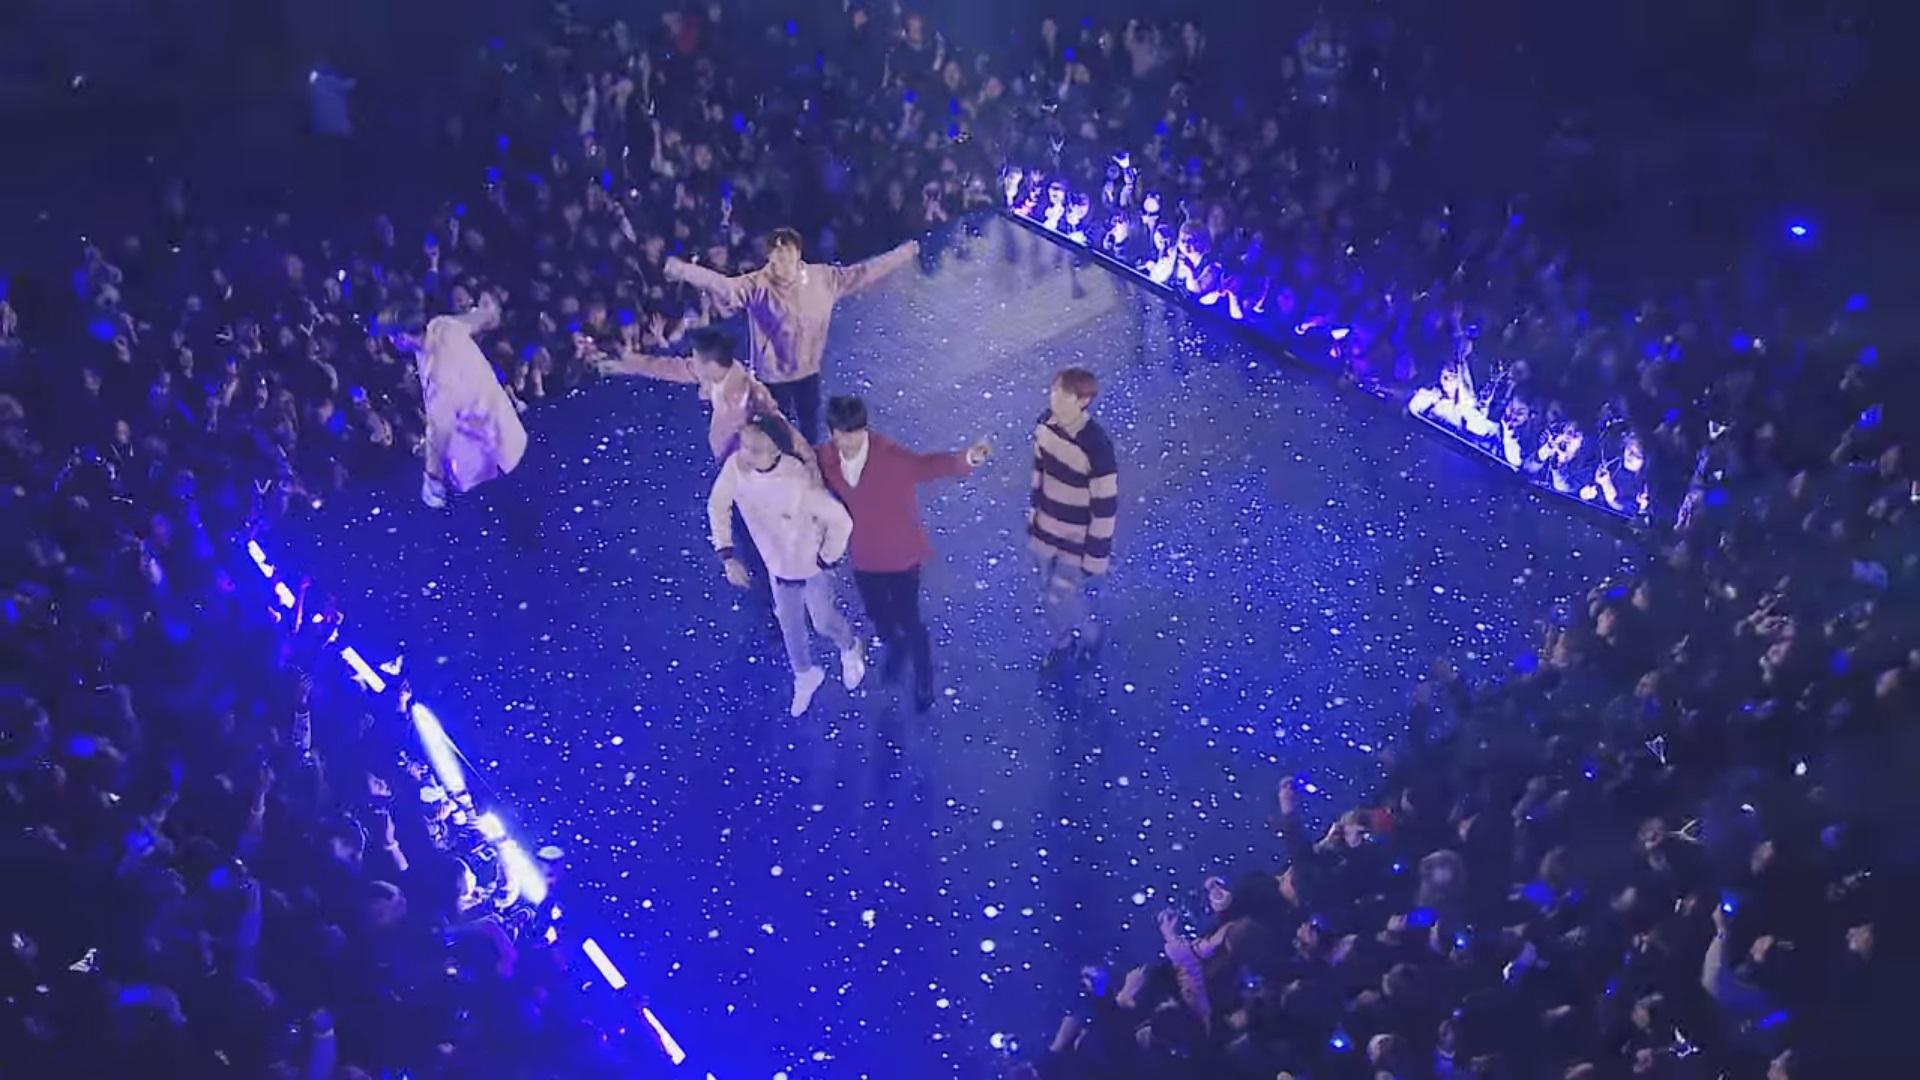 """Rilis MV """"Milky Way"""" Bergini Interaksi Manis VIXX Dengan Penggemar KabarDunia.com_VIXX-Milky-Way_VIXX"""